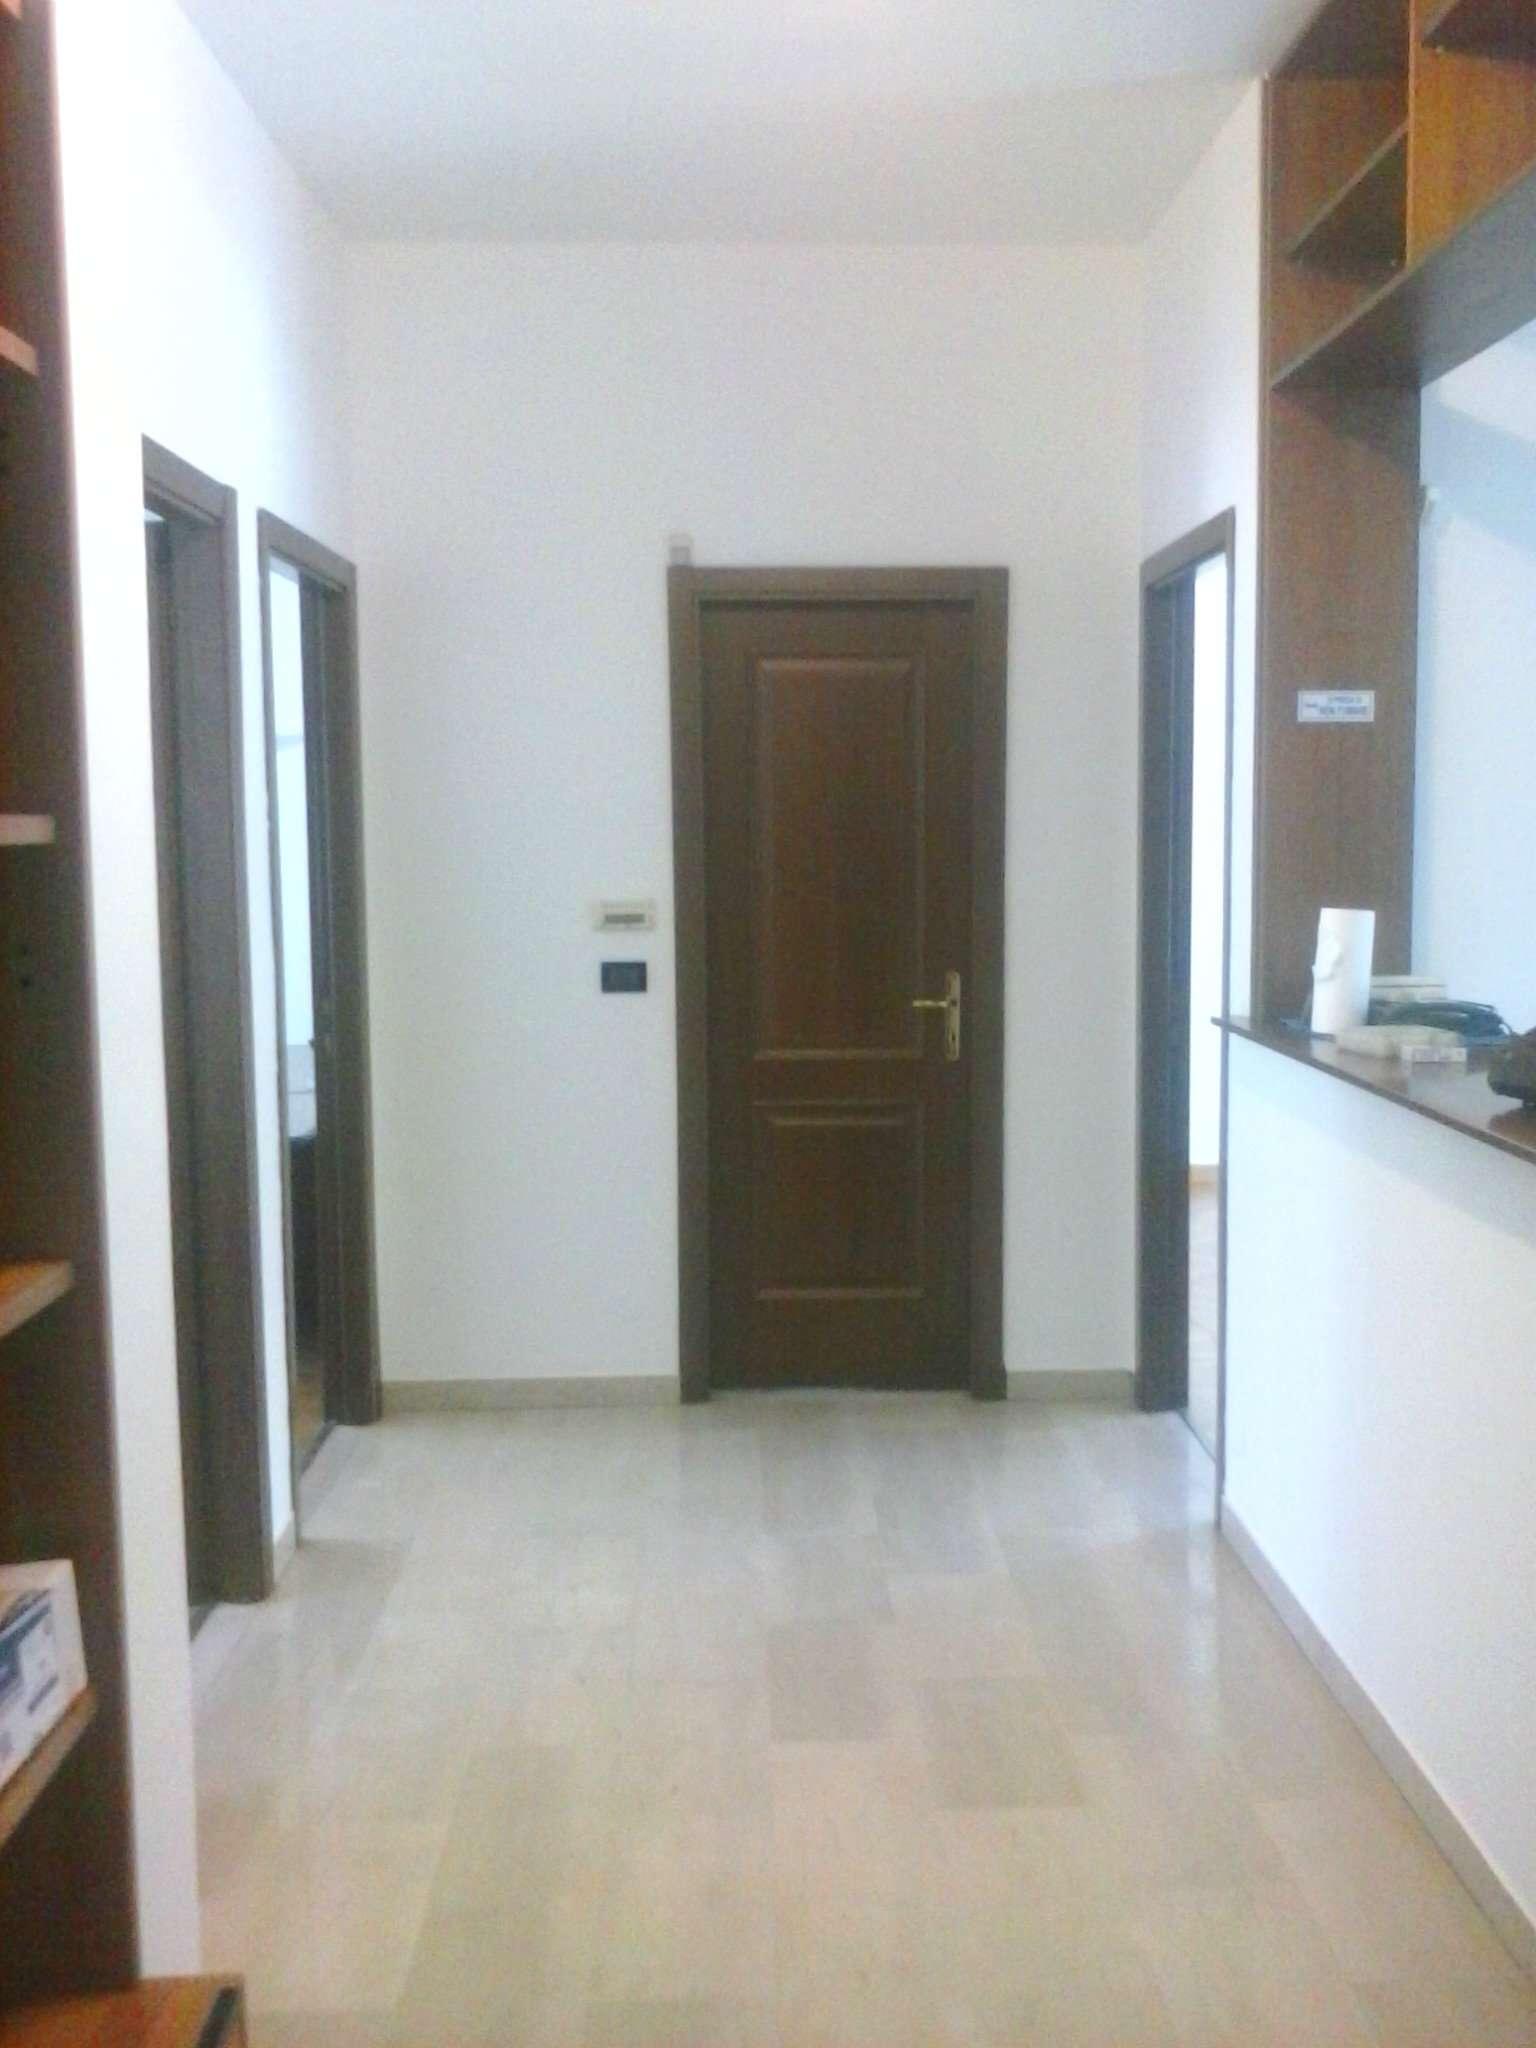 Torino Torino Affitto APPARTAMENTO , annunci casa per affitto a torino e provincia